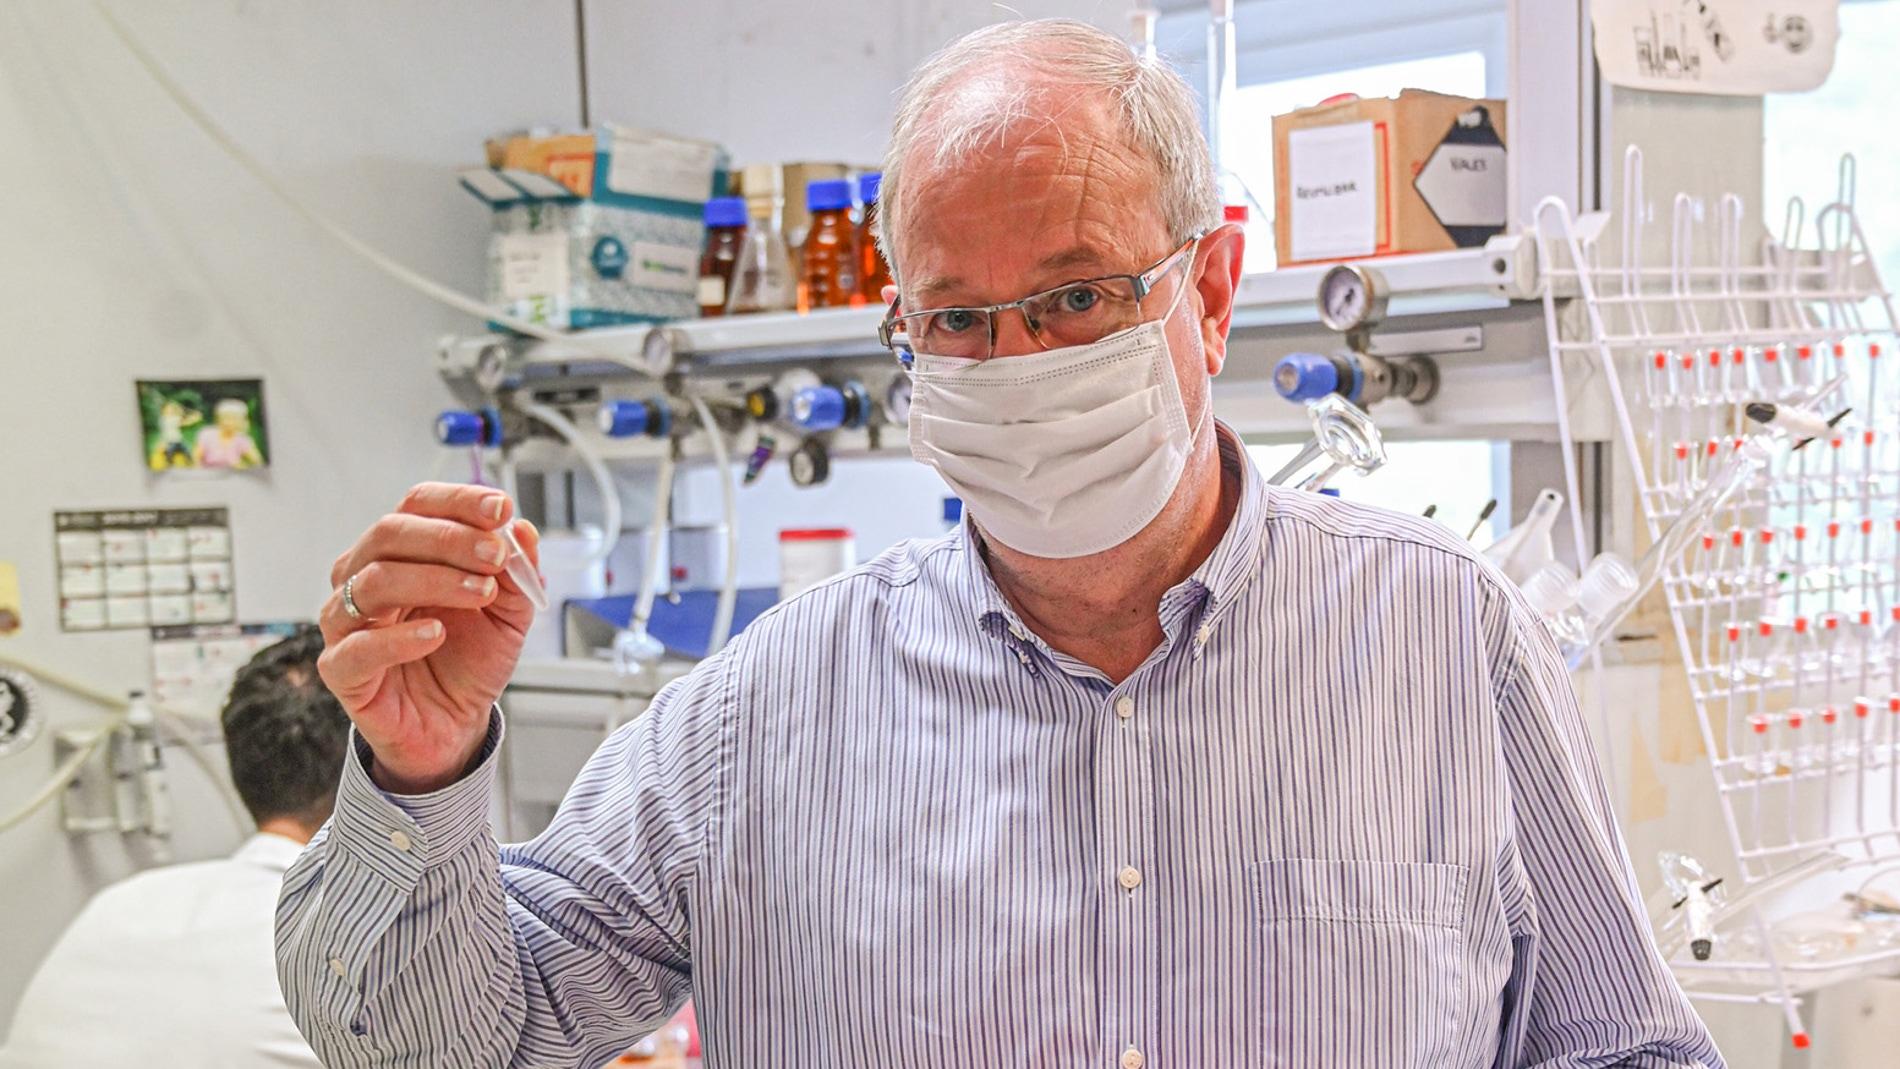 uno de los investigadores en el laboratorio